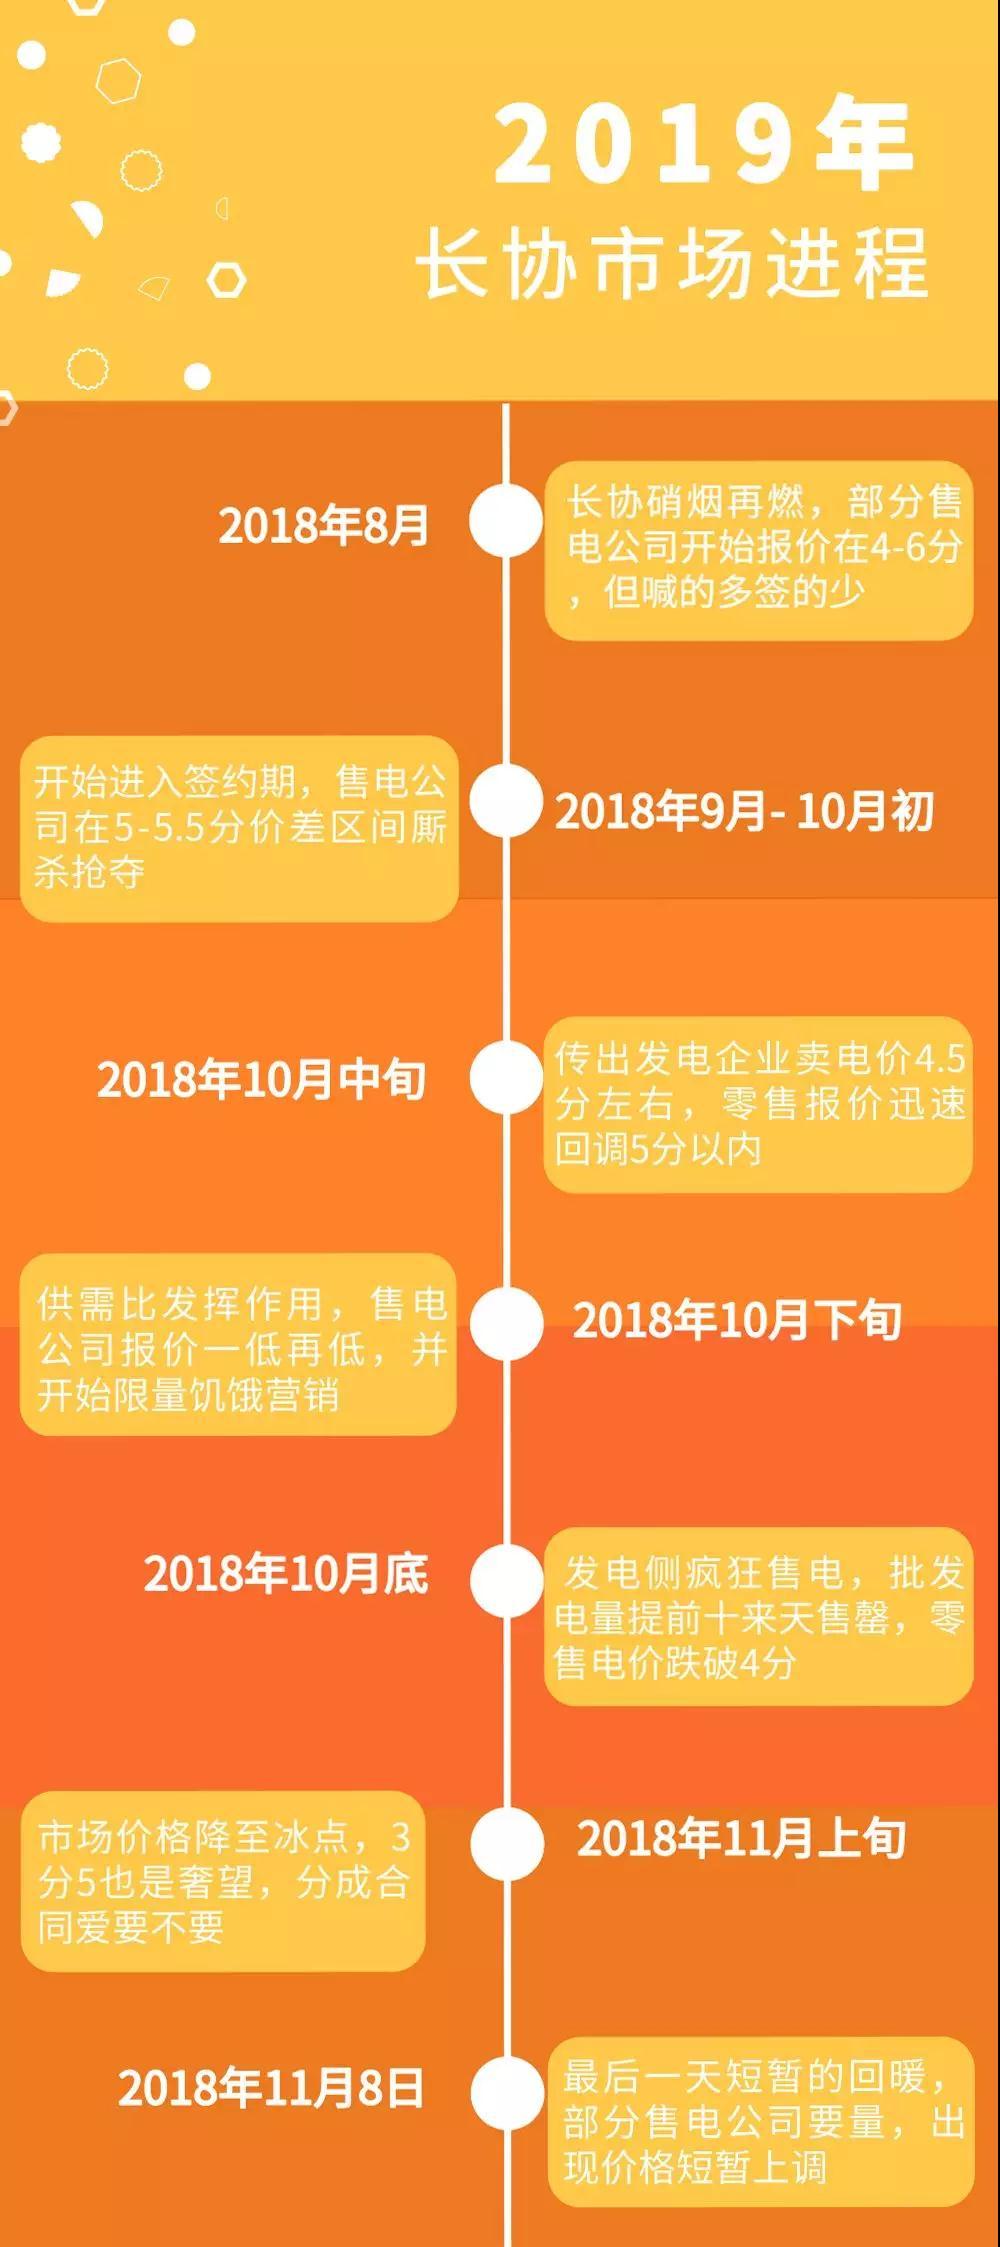 广东电力市场的3次长协交易经验总结